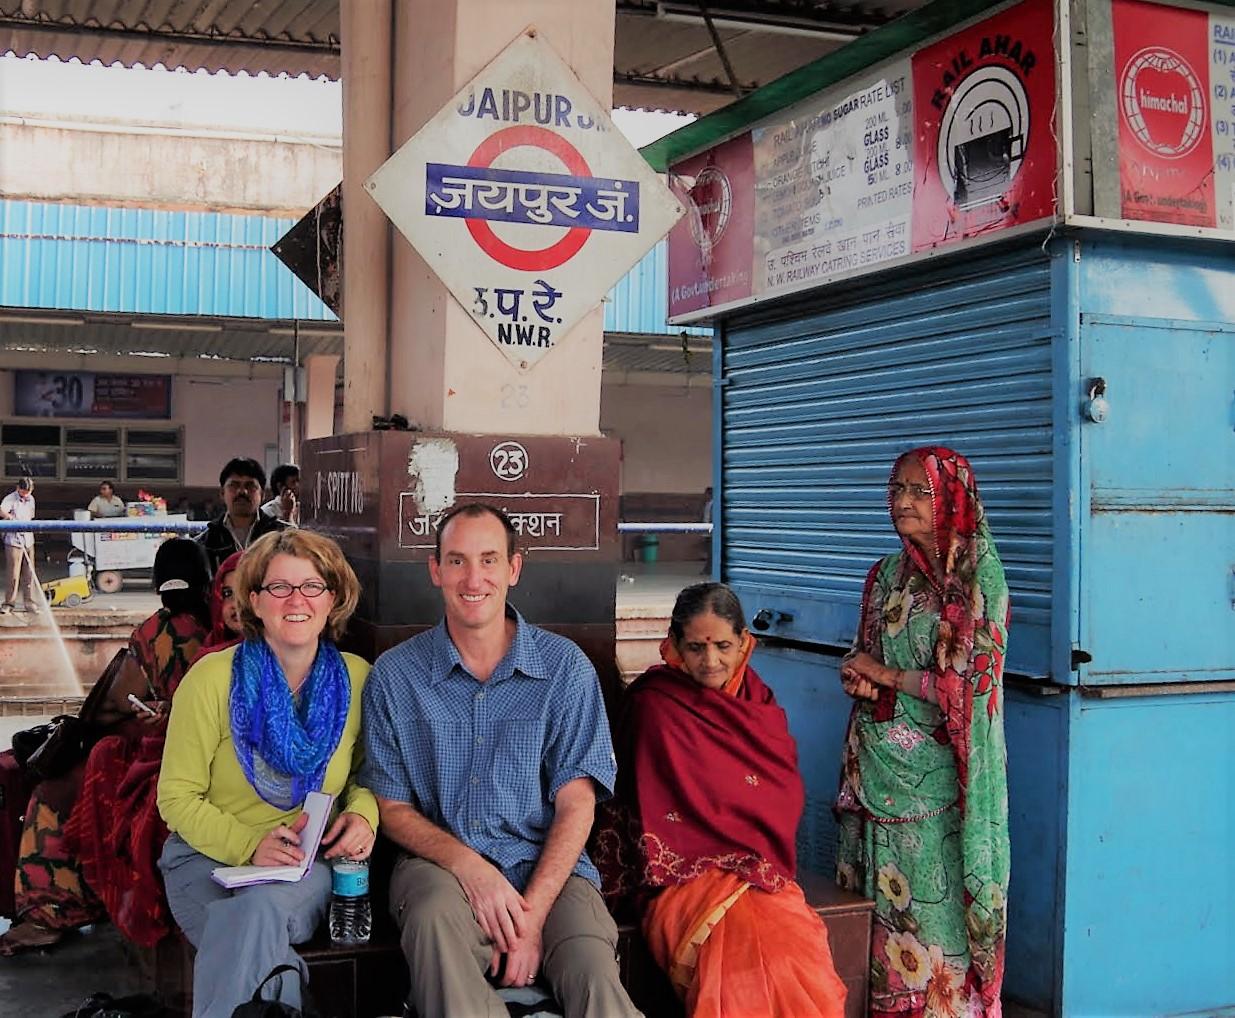 Travels through India